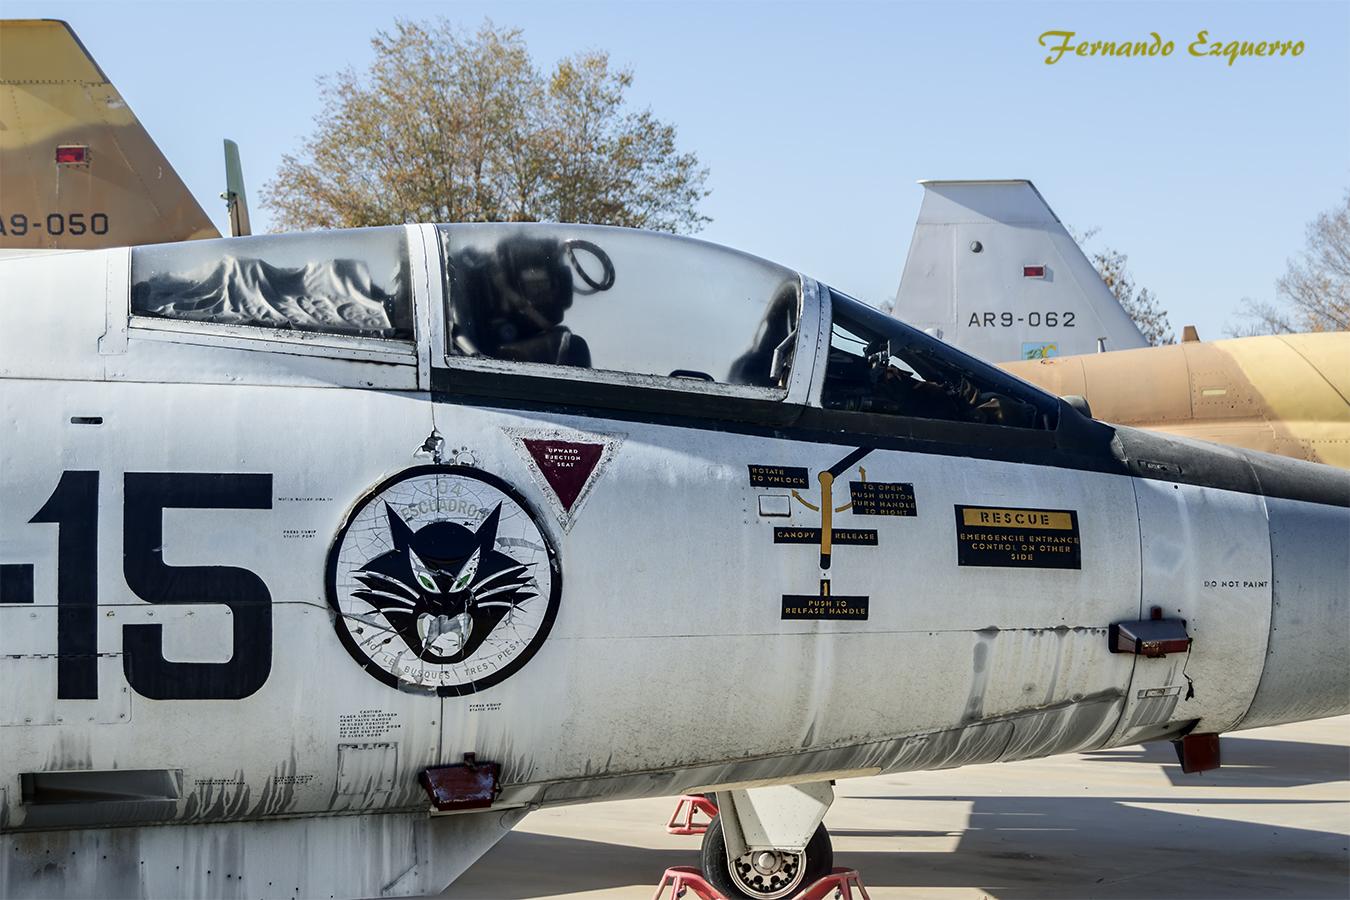 Lokcheed F-104 (Starfighter)